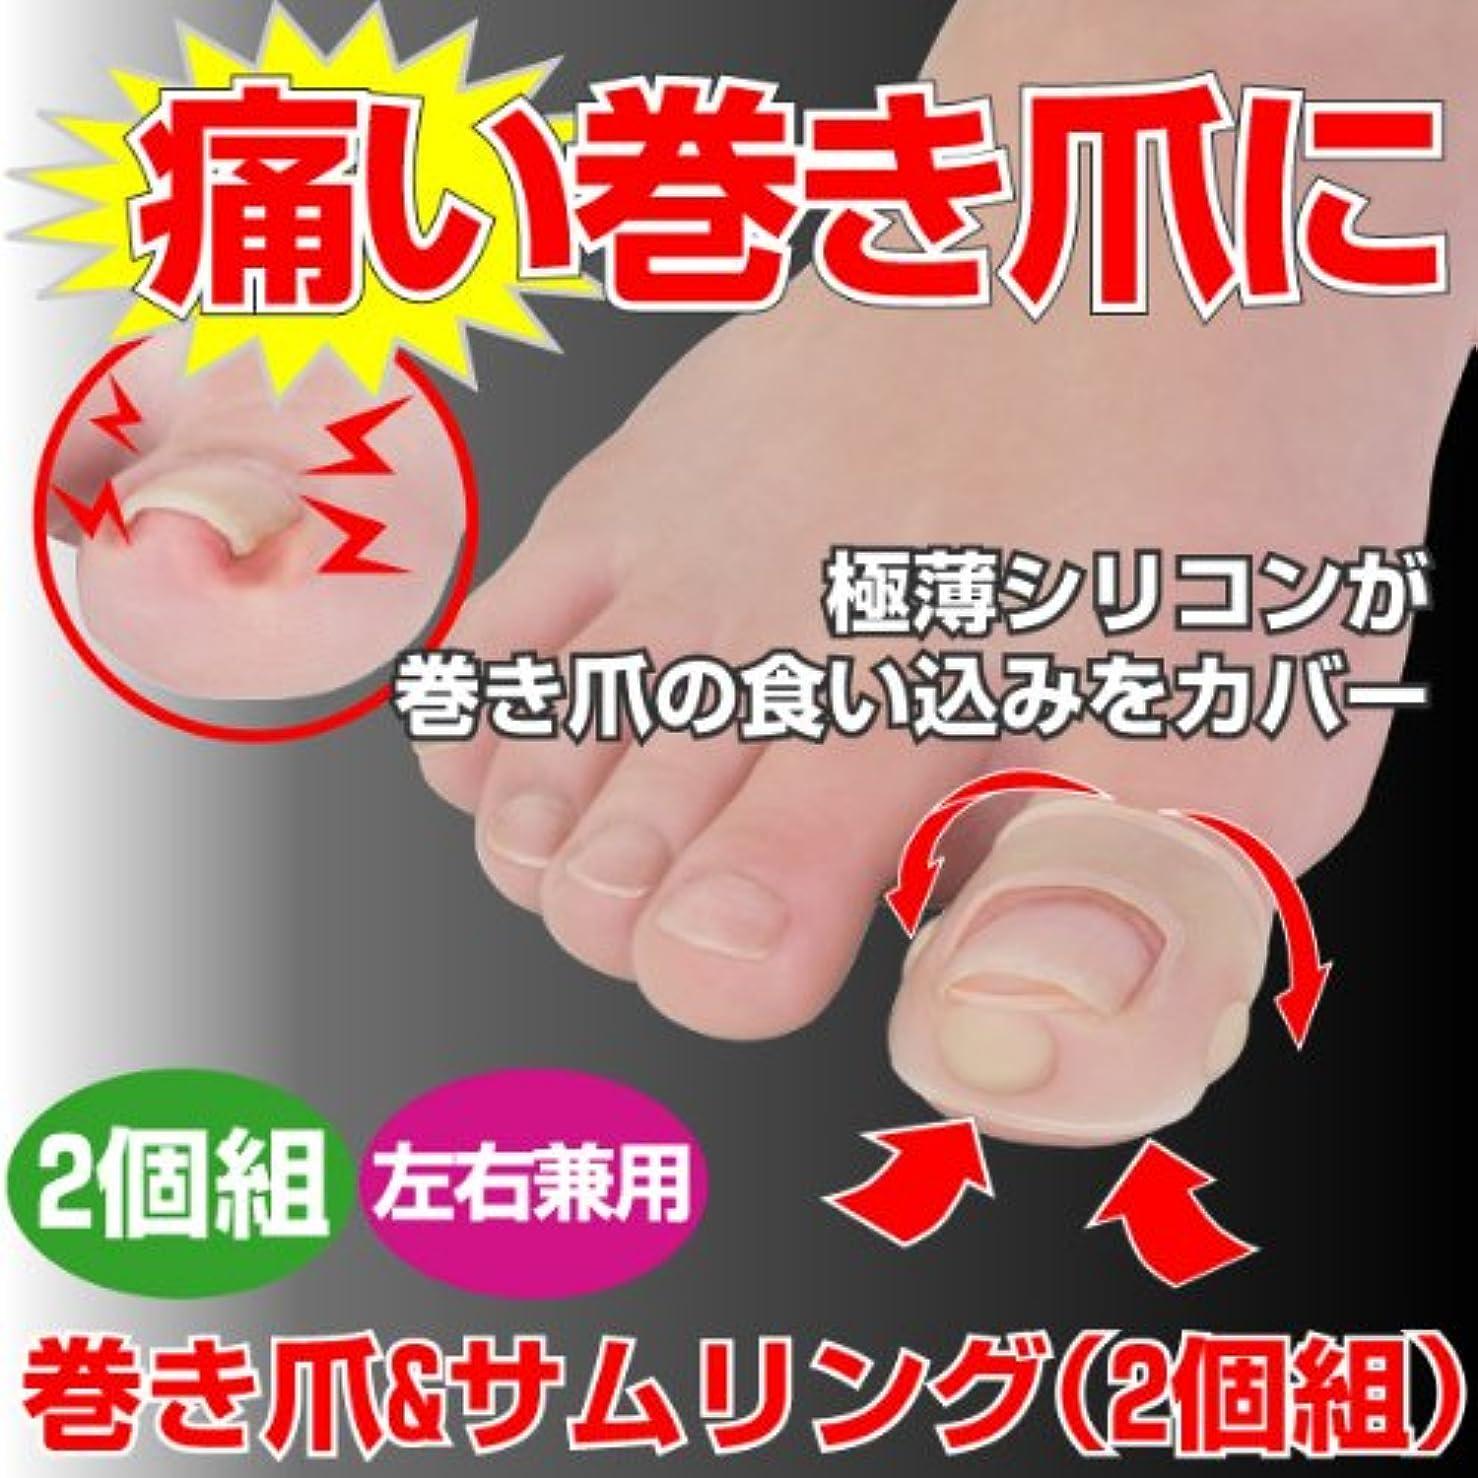 操作進行中フルーツ巻き爪&サムリング (2個組)(巻き爪の痛みを軽減!重心を内側に補正し、下半身を引き締め!)